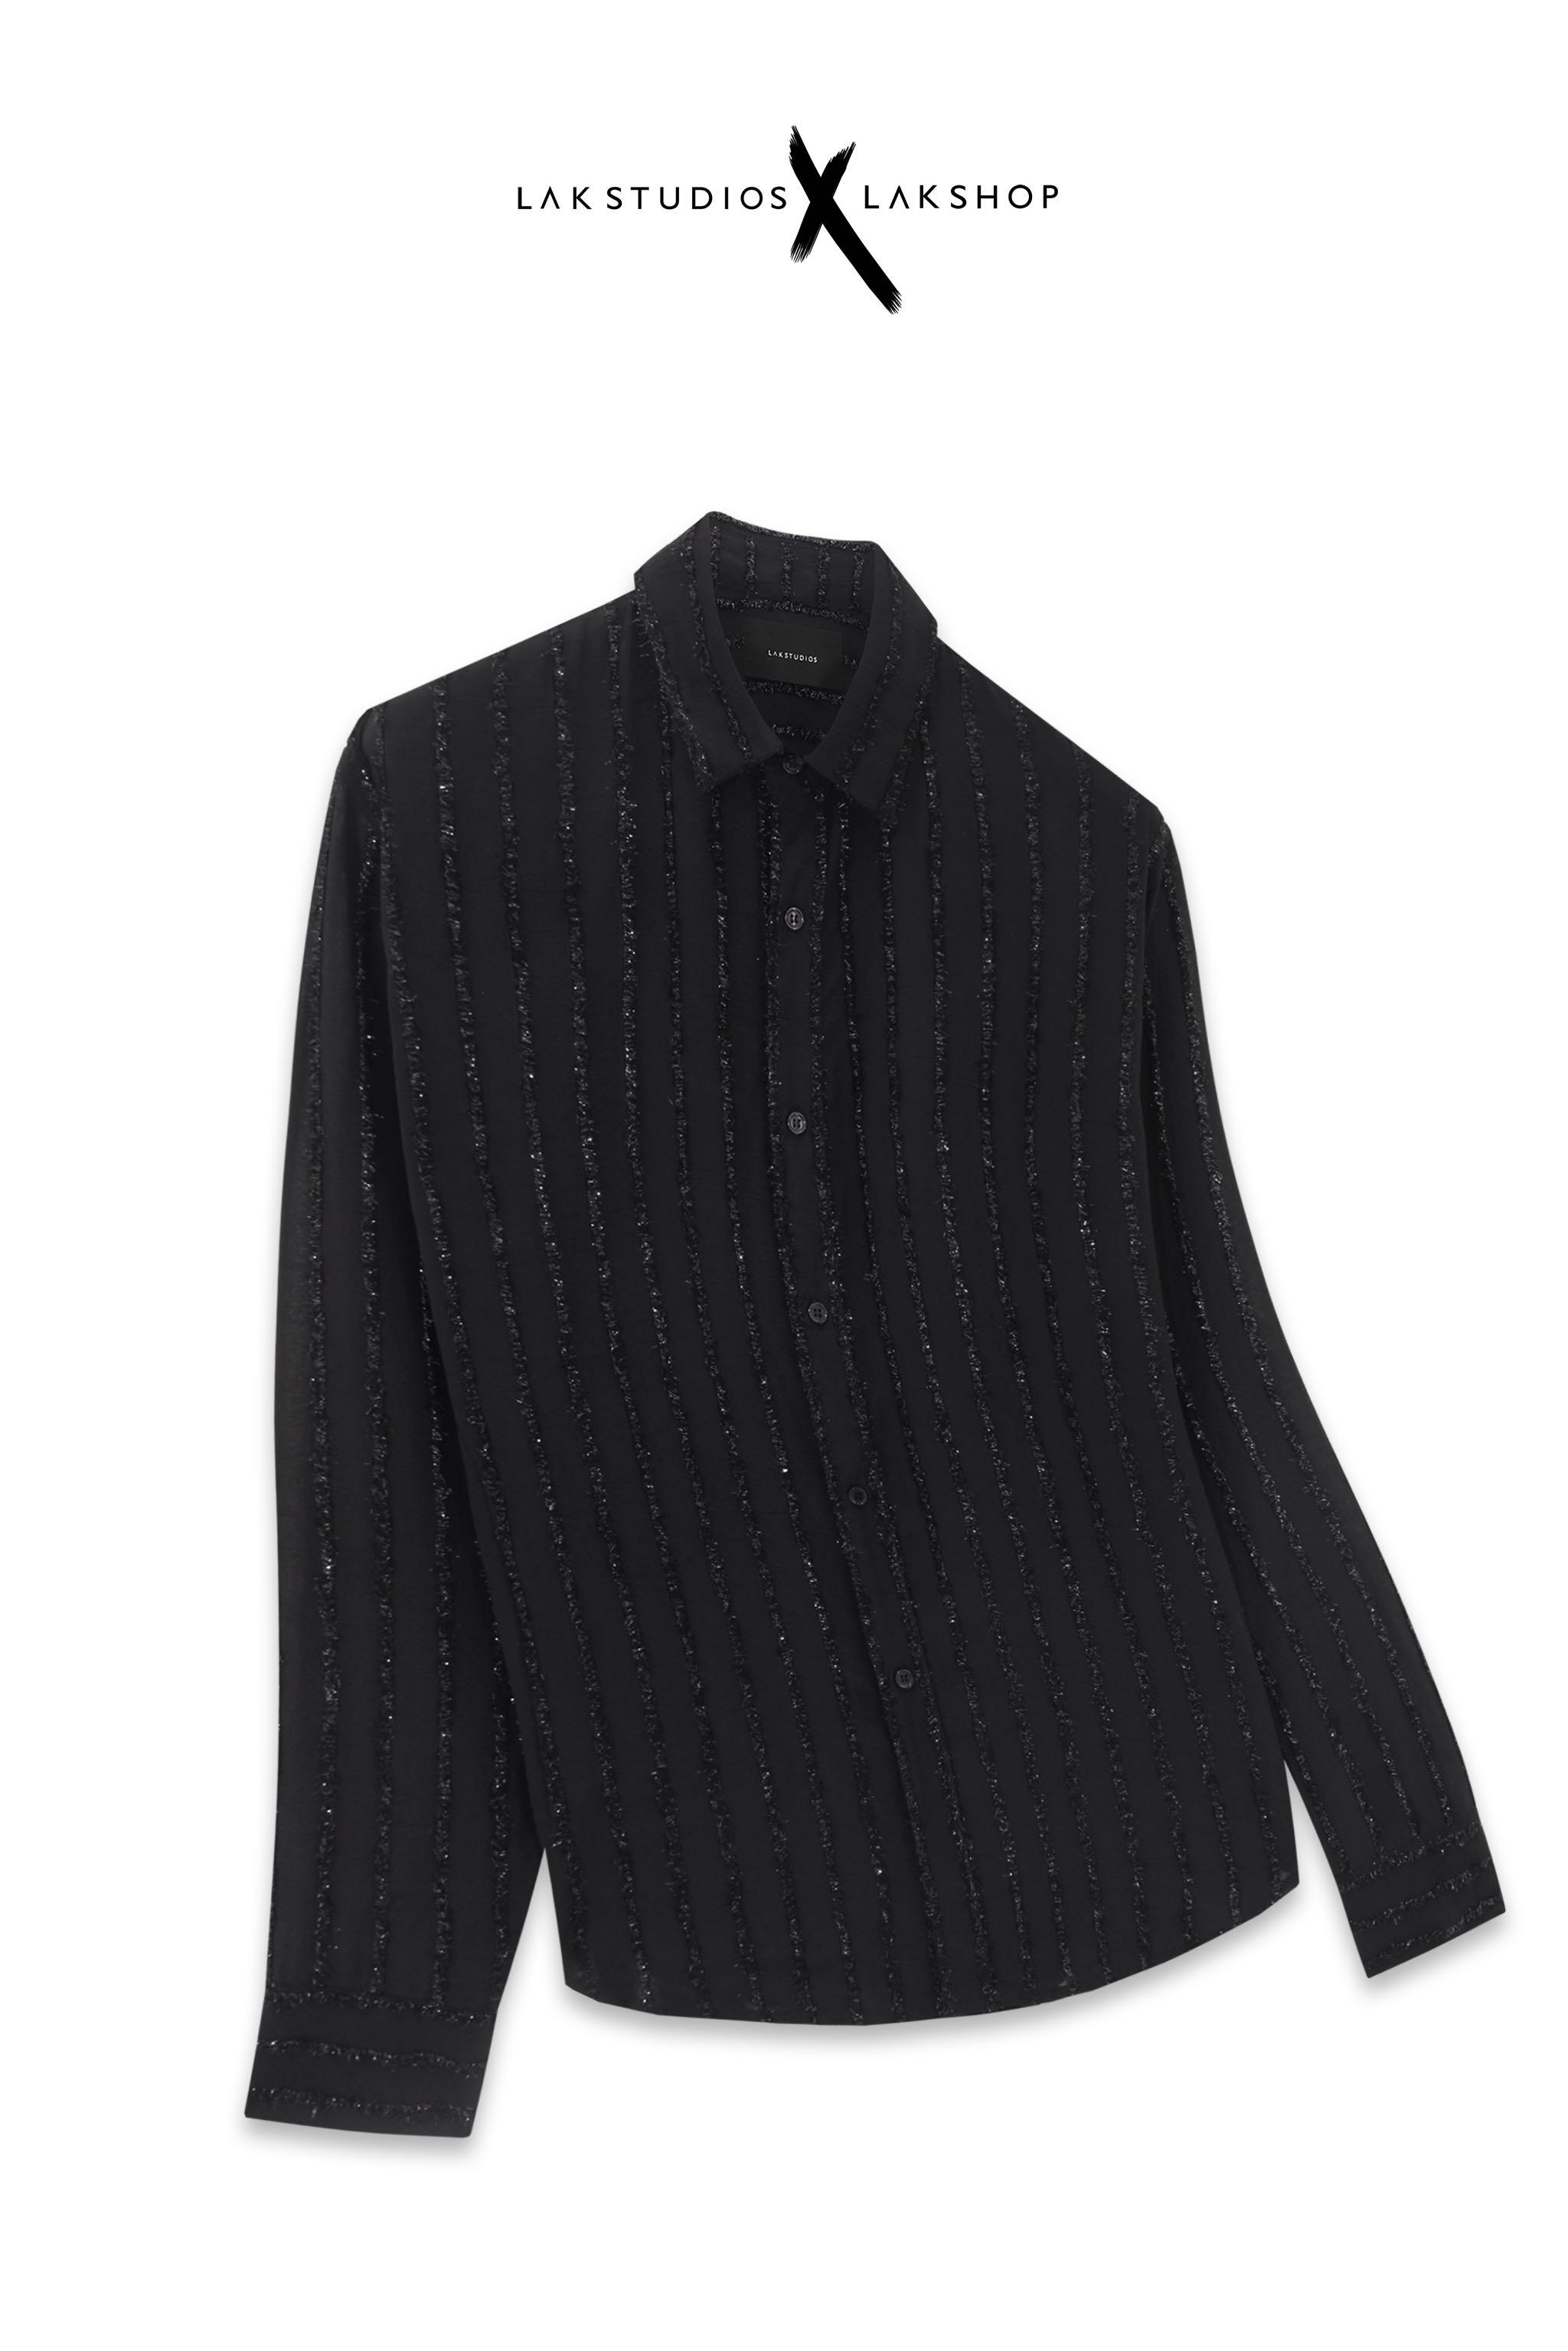 Lak Studios Bling Bling Stripe Black Shirt